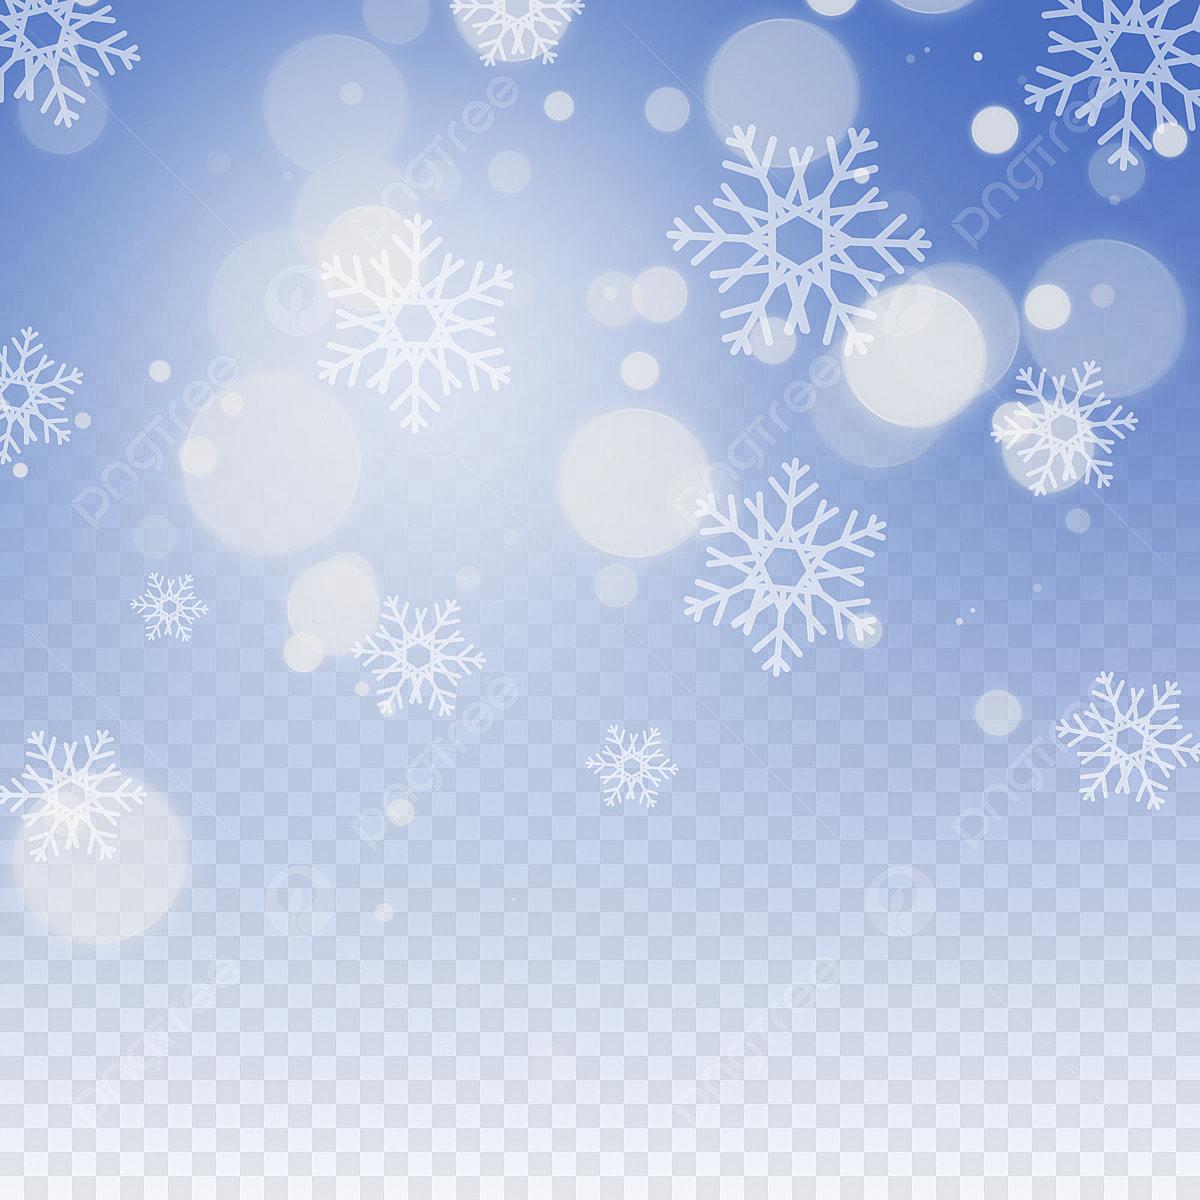 Màu Xanh Da Trời Tuyết Rơi Màu Xanh Rơi Bông Tuyết Miễn